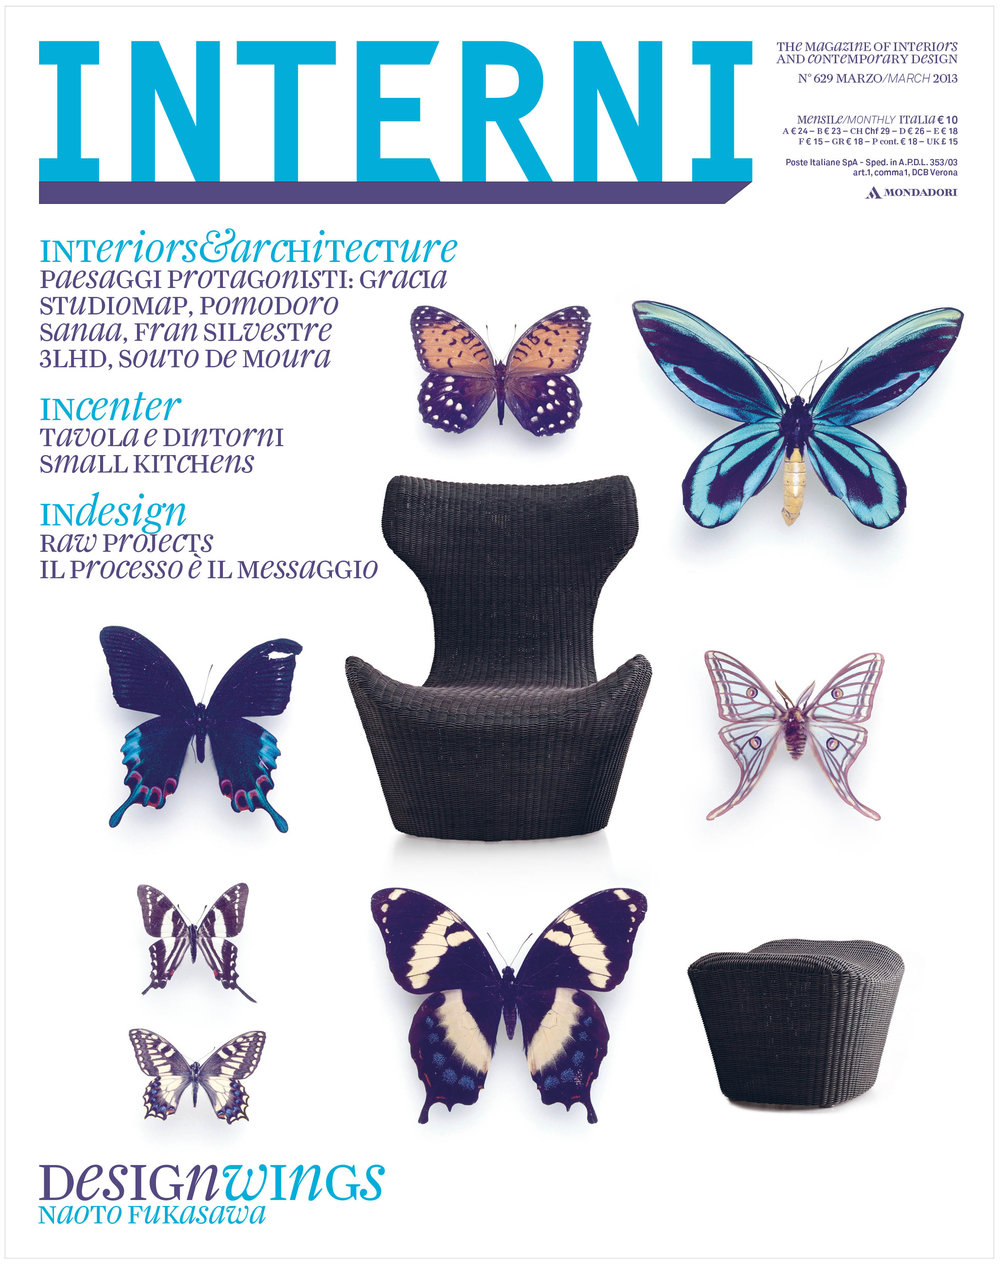 Interni609_coverMAR_2013 copia.jpg